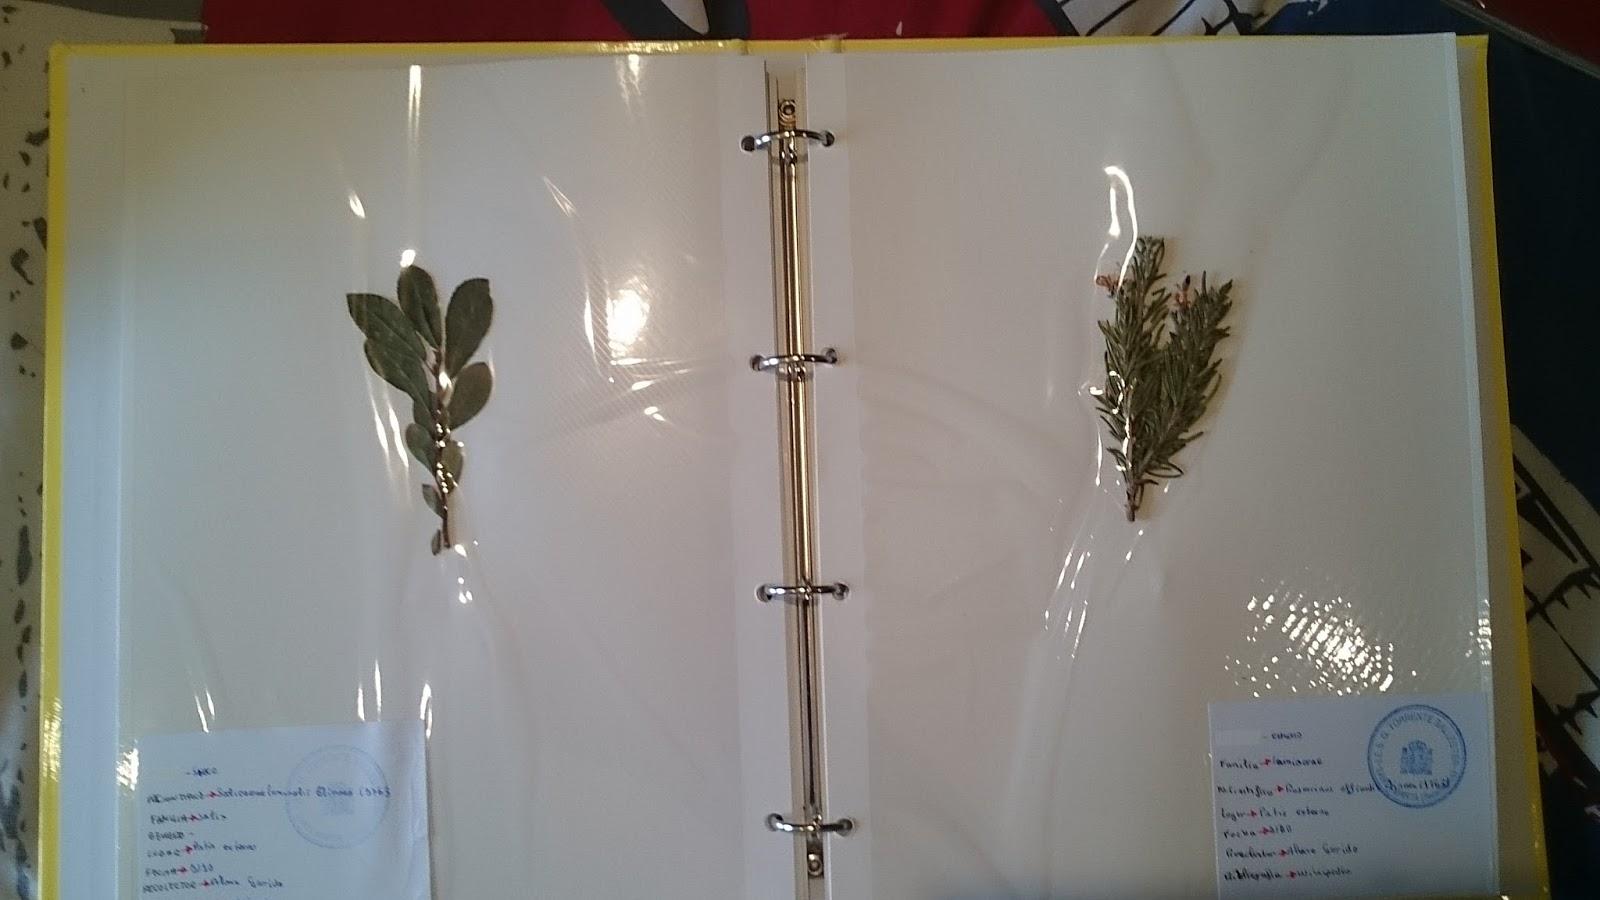 Ampliacion alvaro for Modelo de proyecto de plantas ornamentales